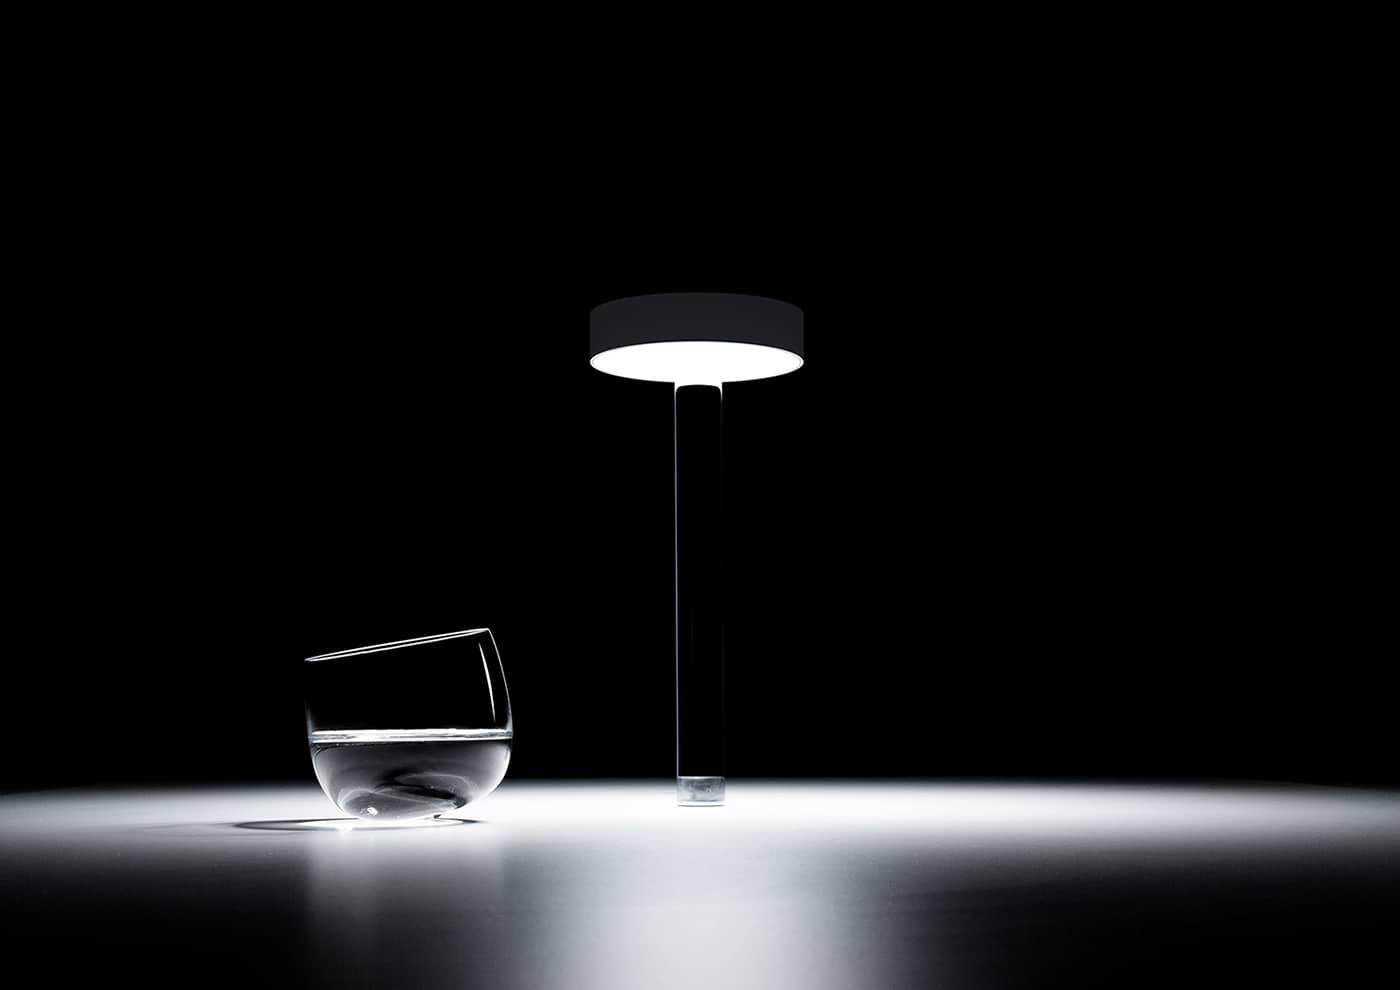 Lampe à poser Tetatet Flûte autonome (12h) avec batterie Lithium rechargeable qui permet à la colonne de support d'être pratiquement invisible - En métal et méthacrylate - ø 11 x H 25 cm - ©Davide Groppi